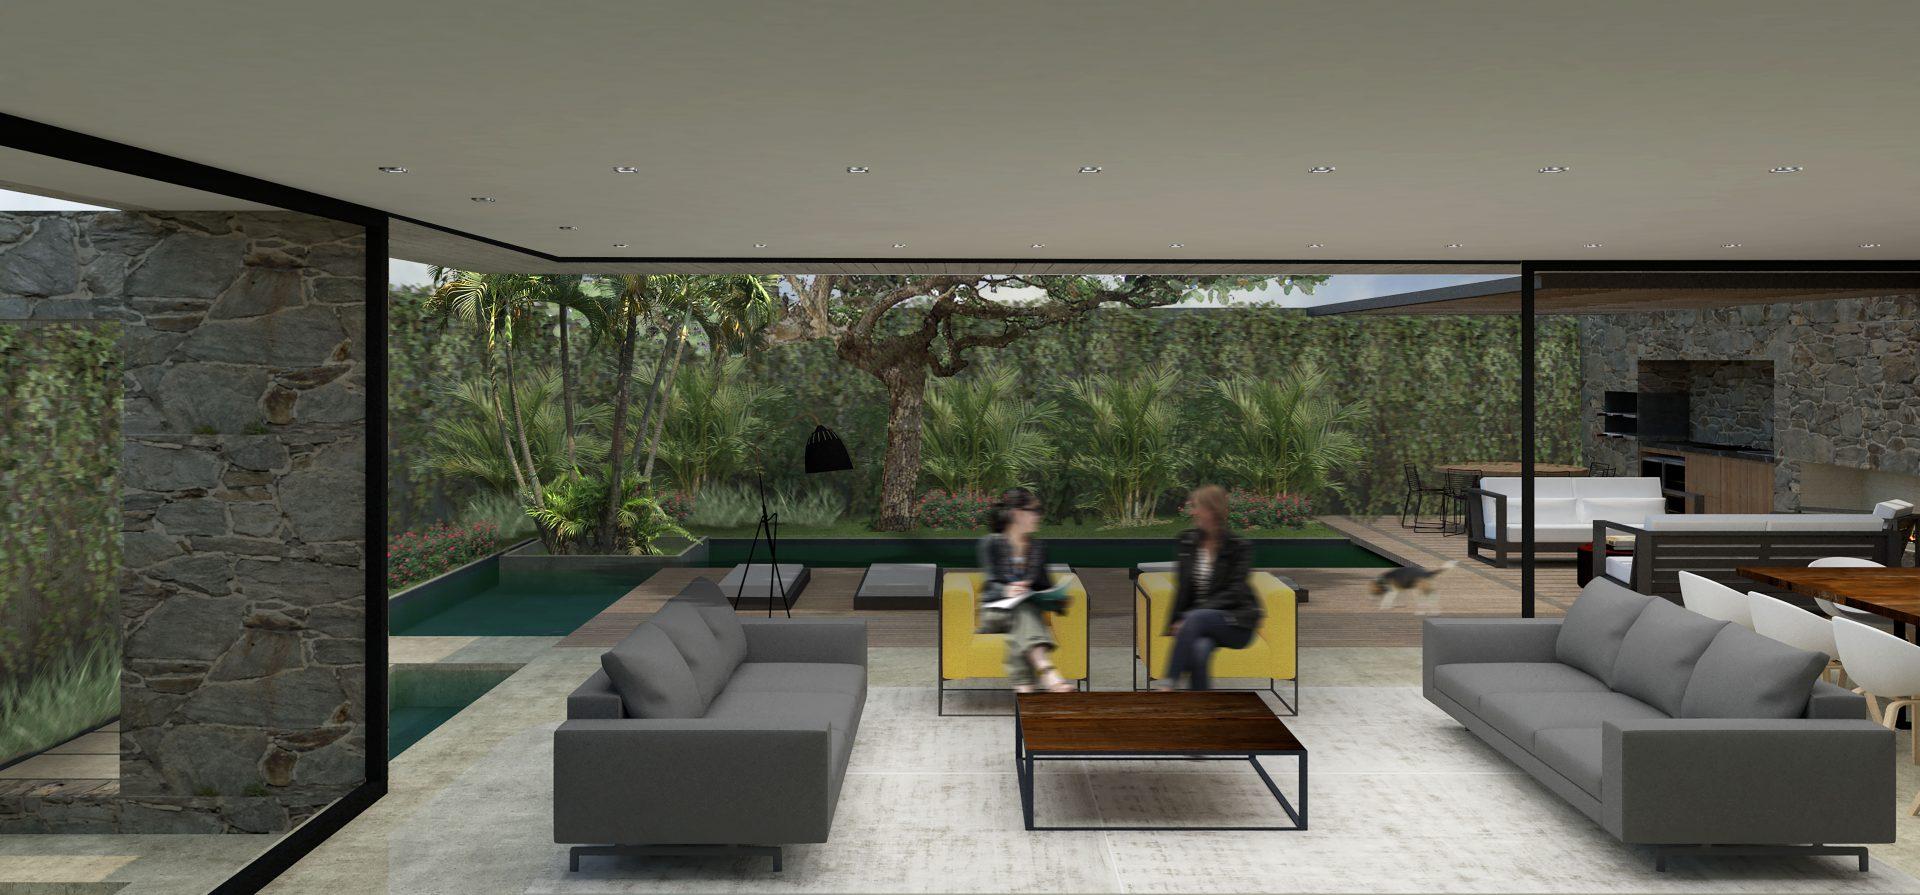 44c4024c852b5 RENDER 04 - RAWI ARQUITETURA + DESIGN - São Paulo - Escritório de  Arquitetura e Designer de Interiores